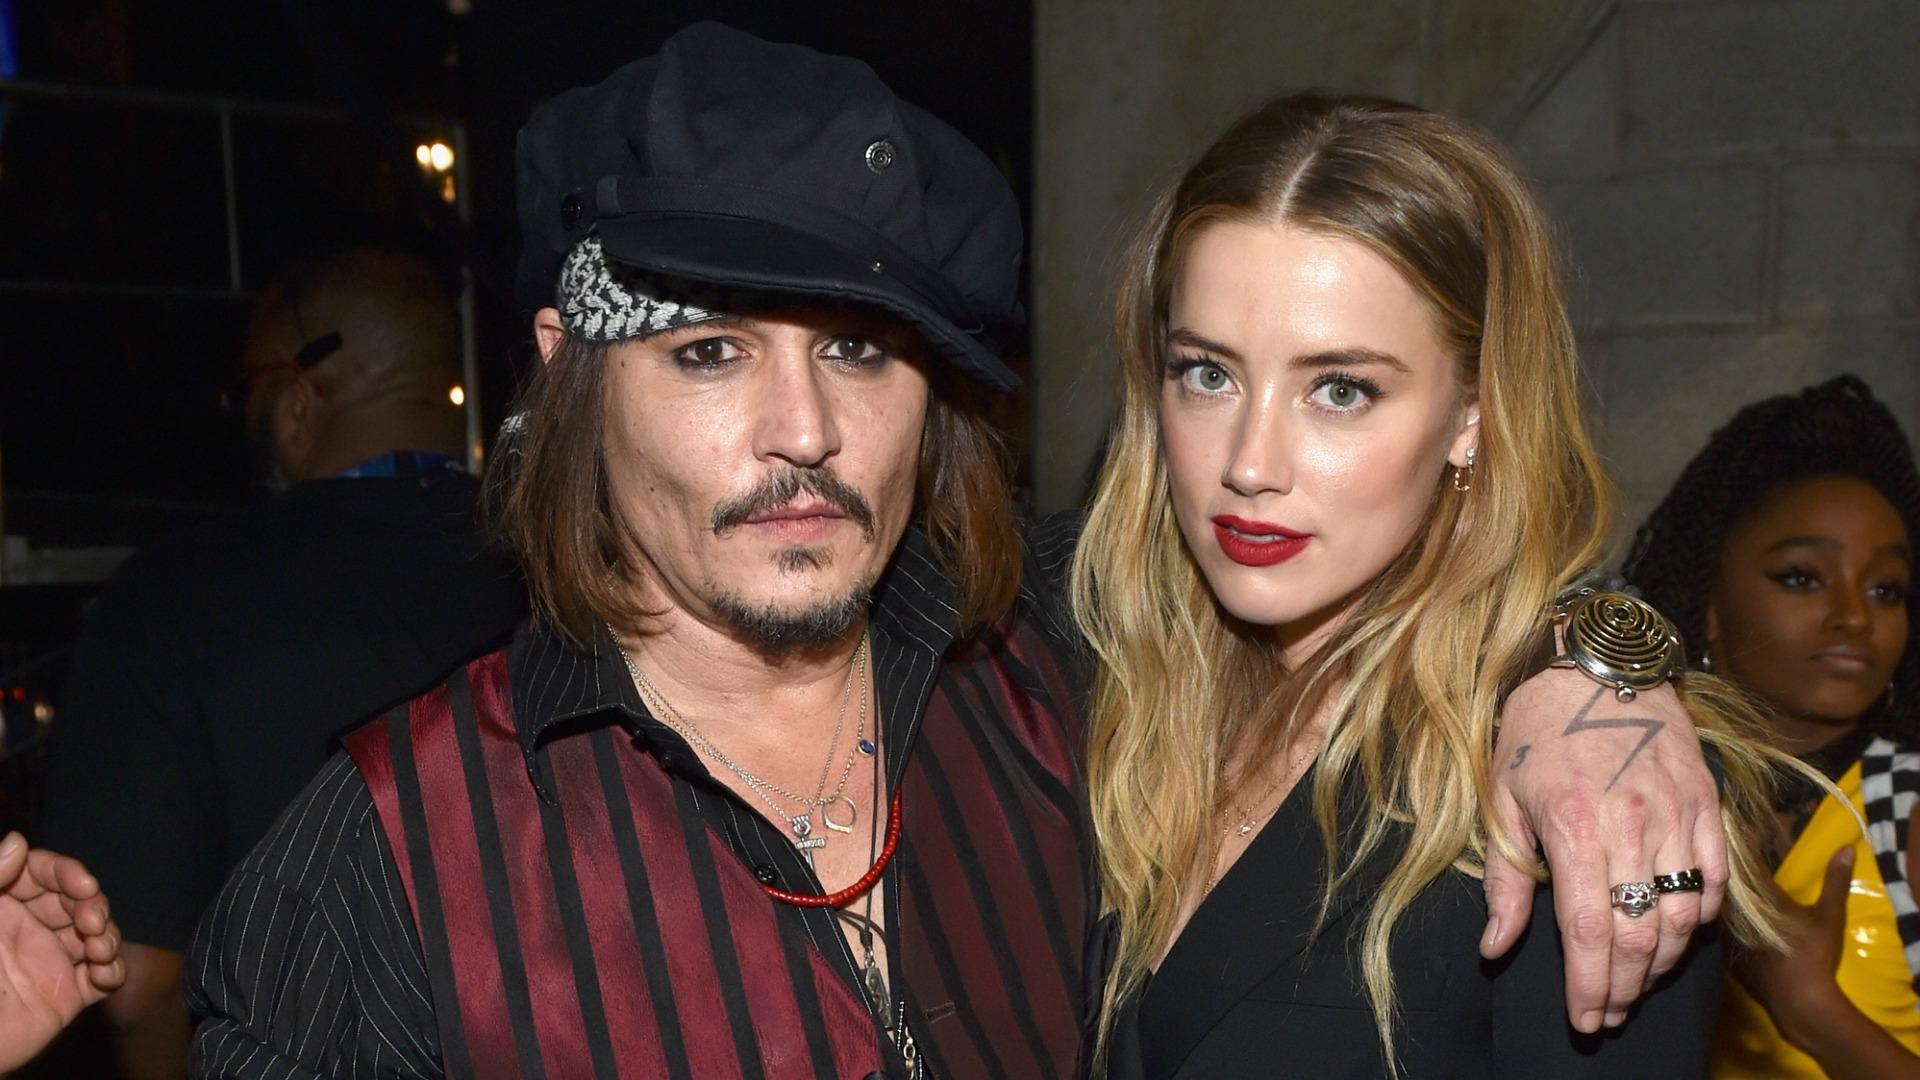 El vídeo que podría confirmar los malos tratos de Johnny Depp a Amber Heard